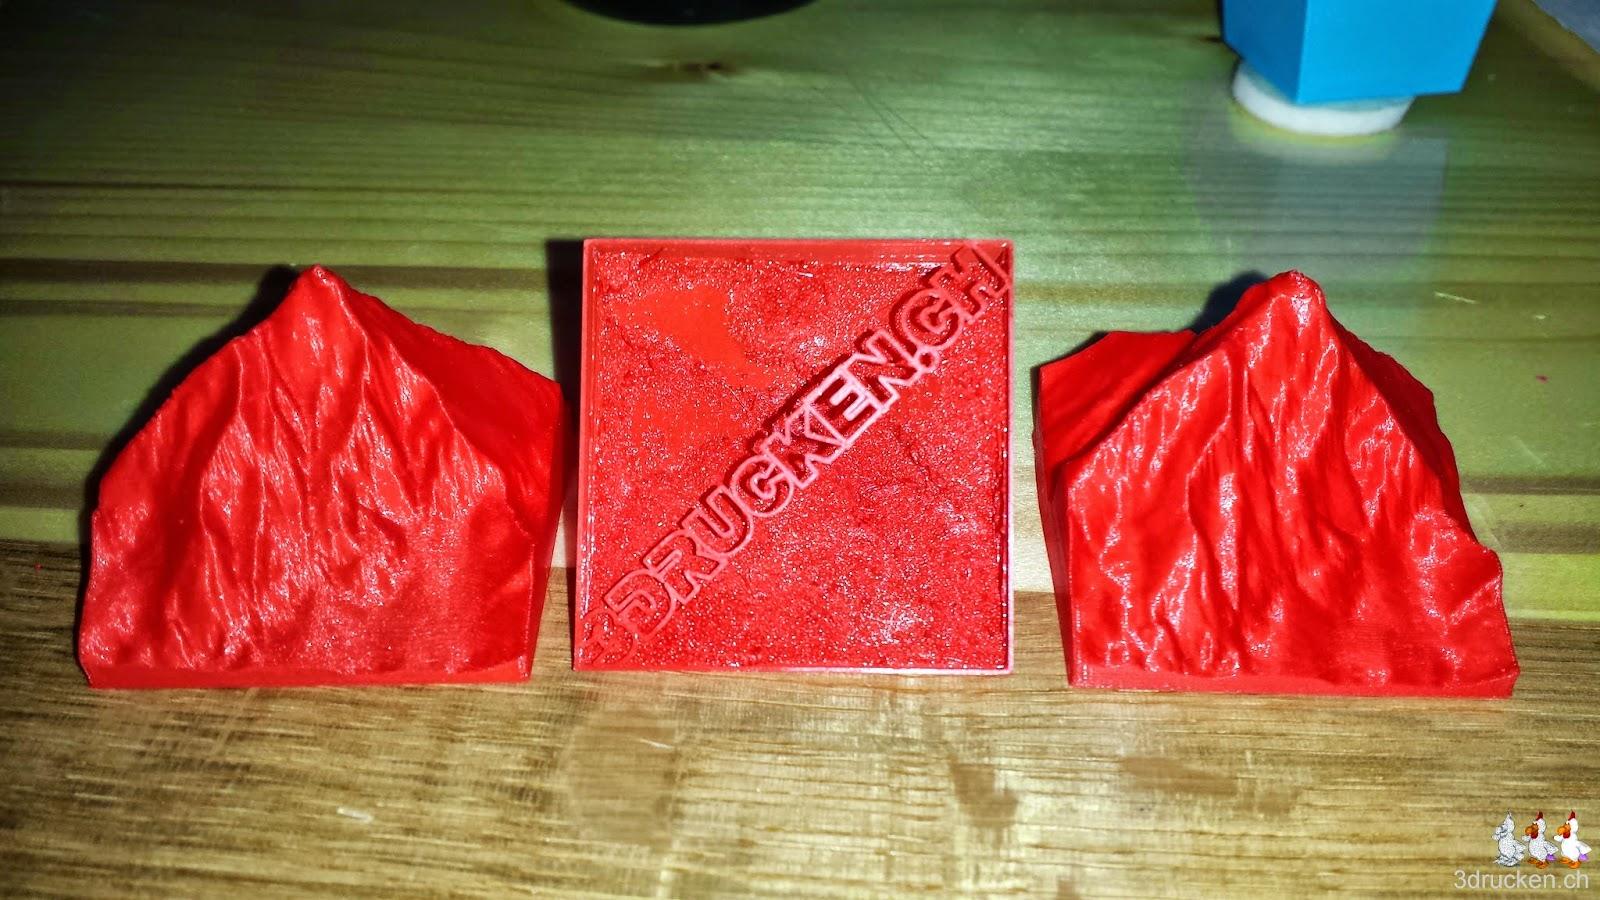 Foto der endgültigen Version des Matterhorn Giveaways mit sauberer Schrift auf der Unterseite